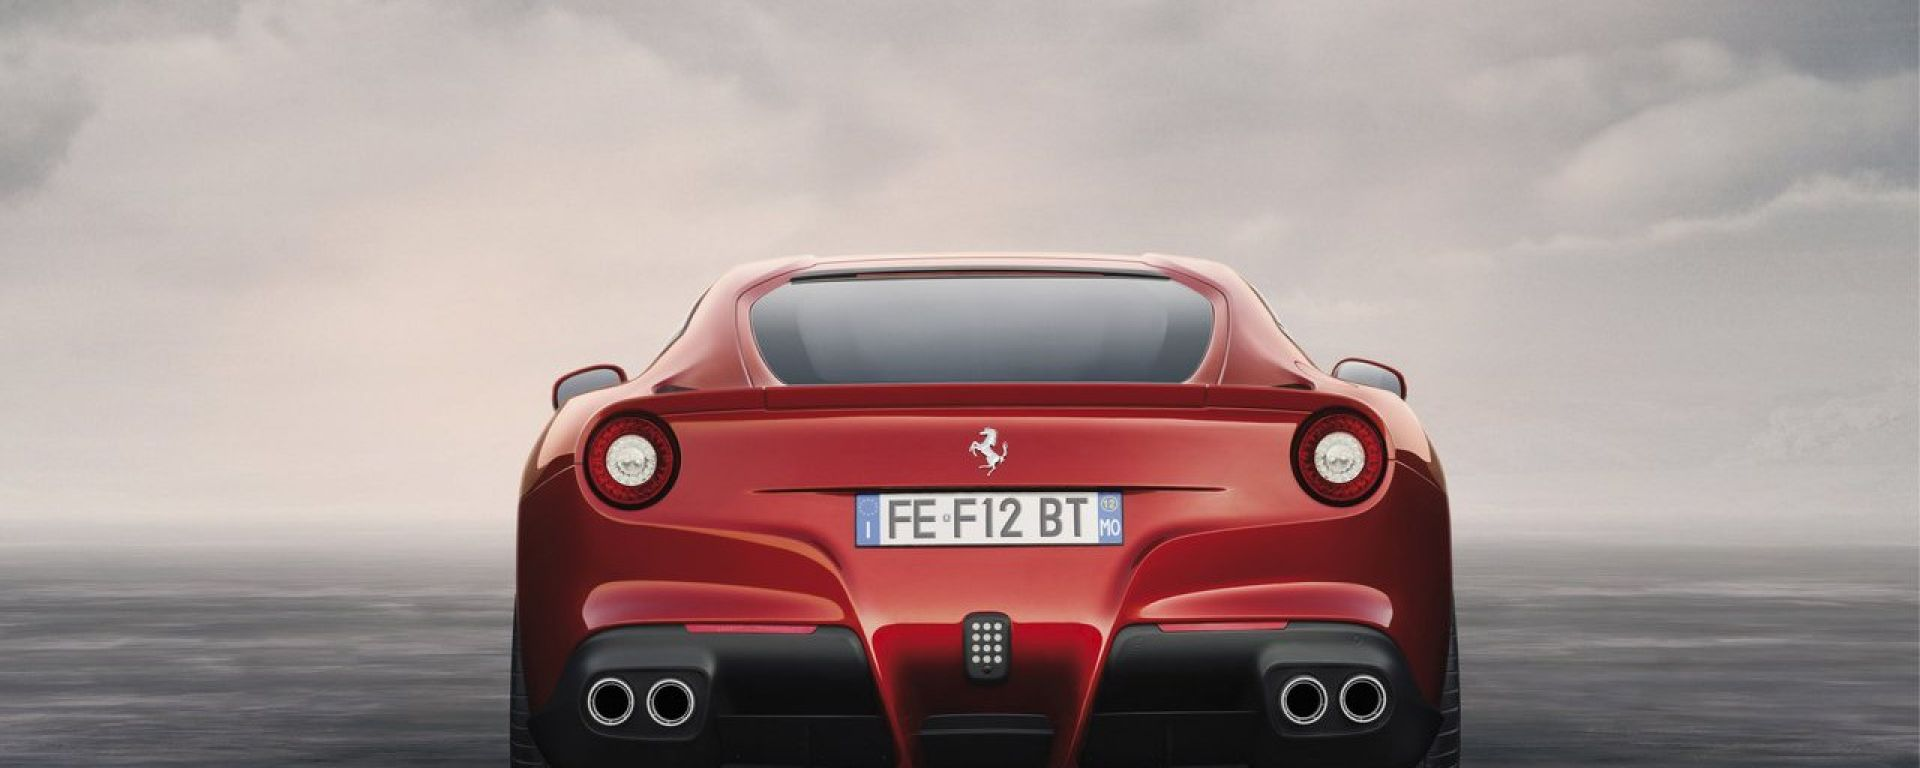 Ferrari F12berlinetta: il listino ufficiale